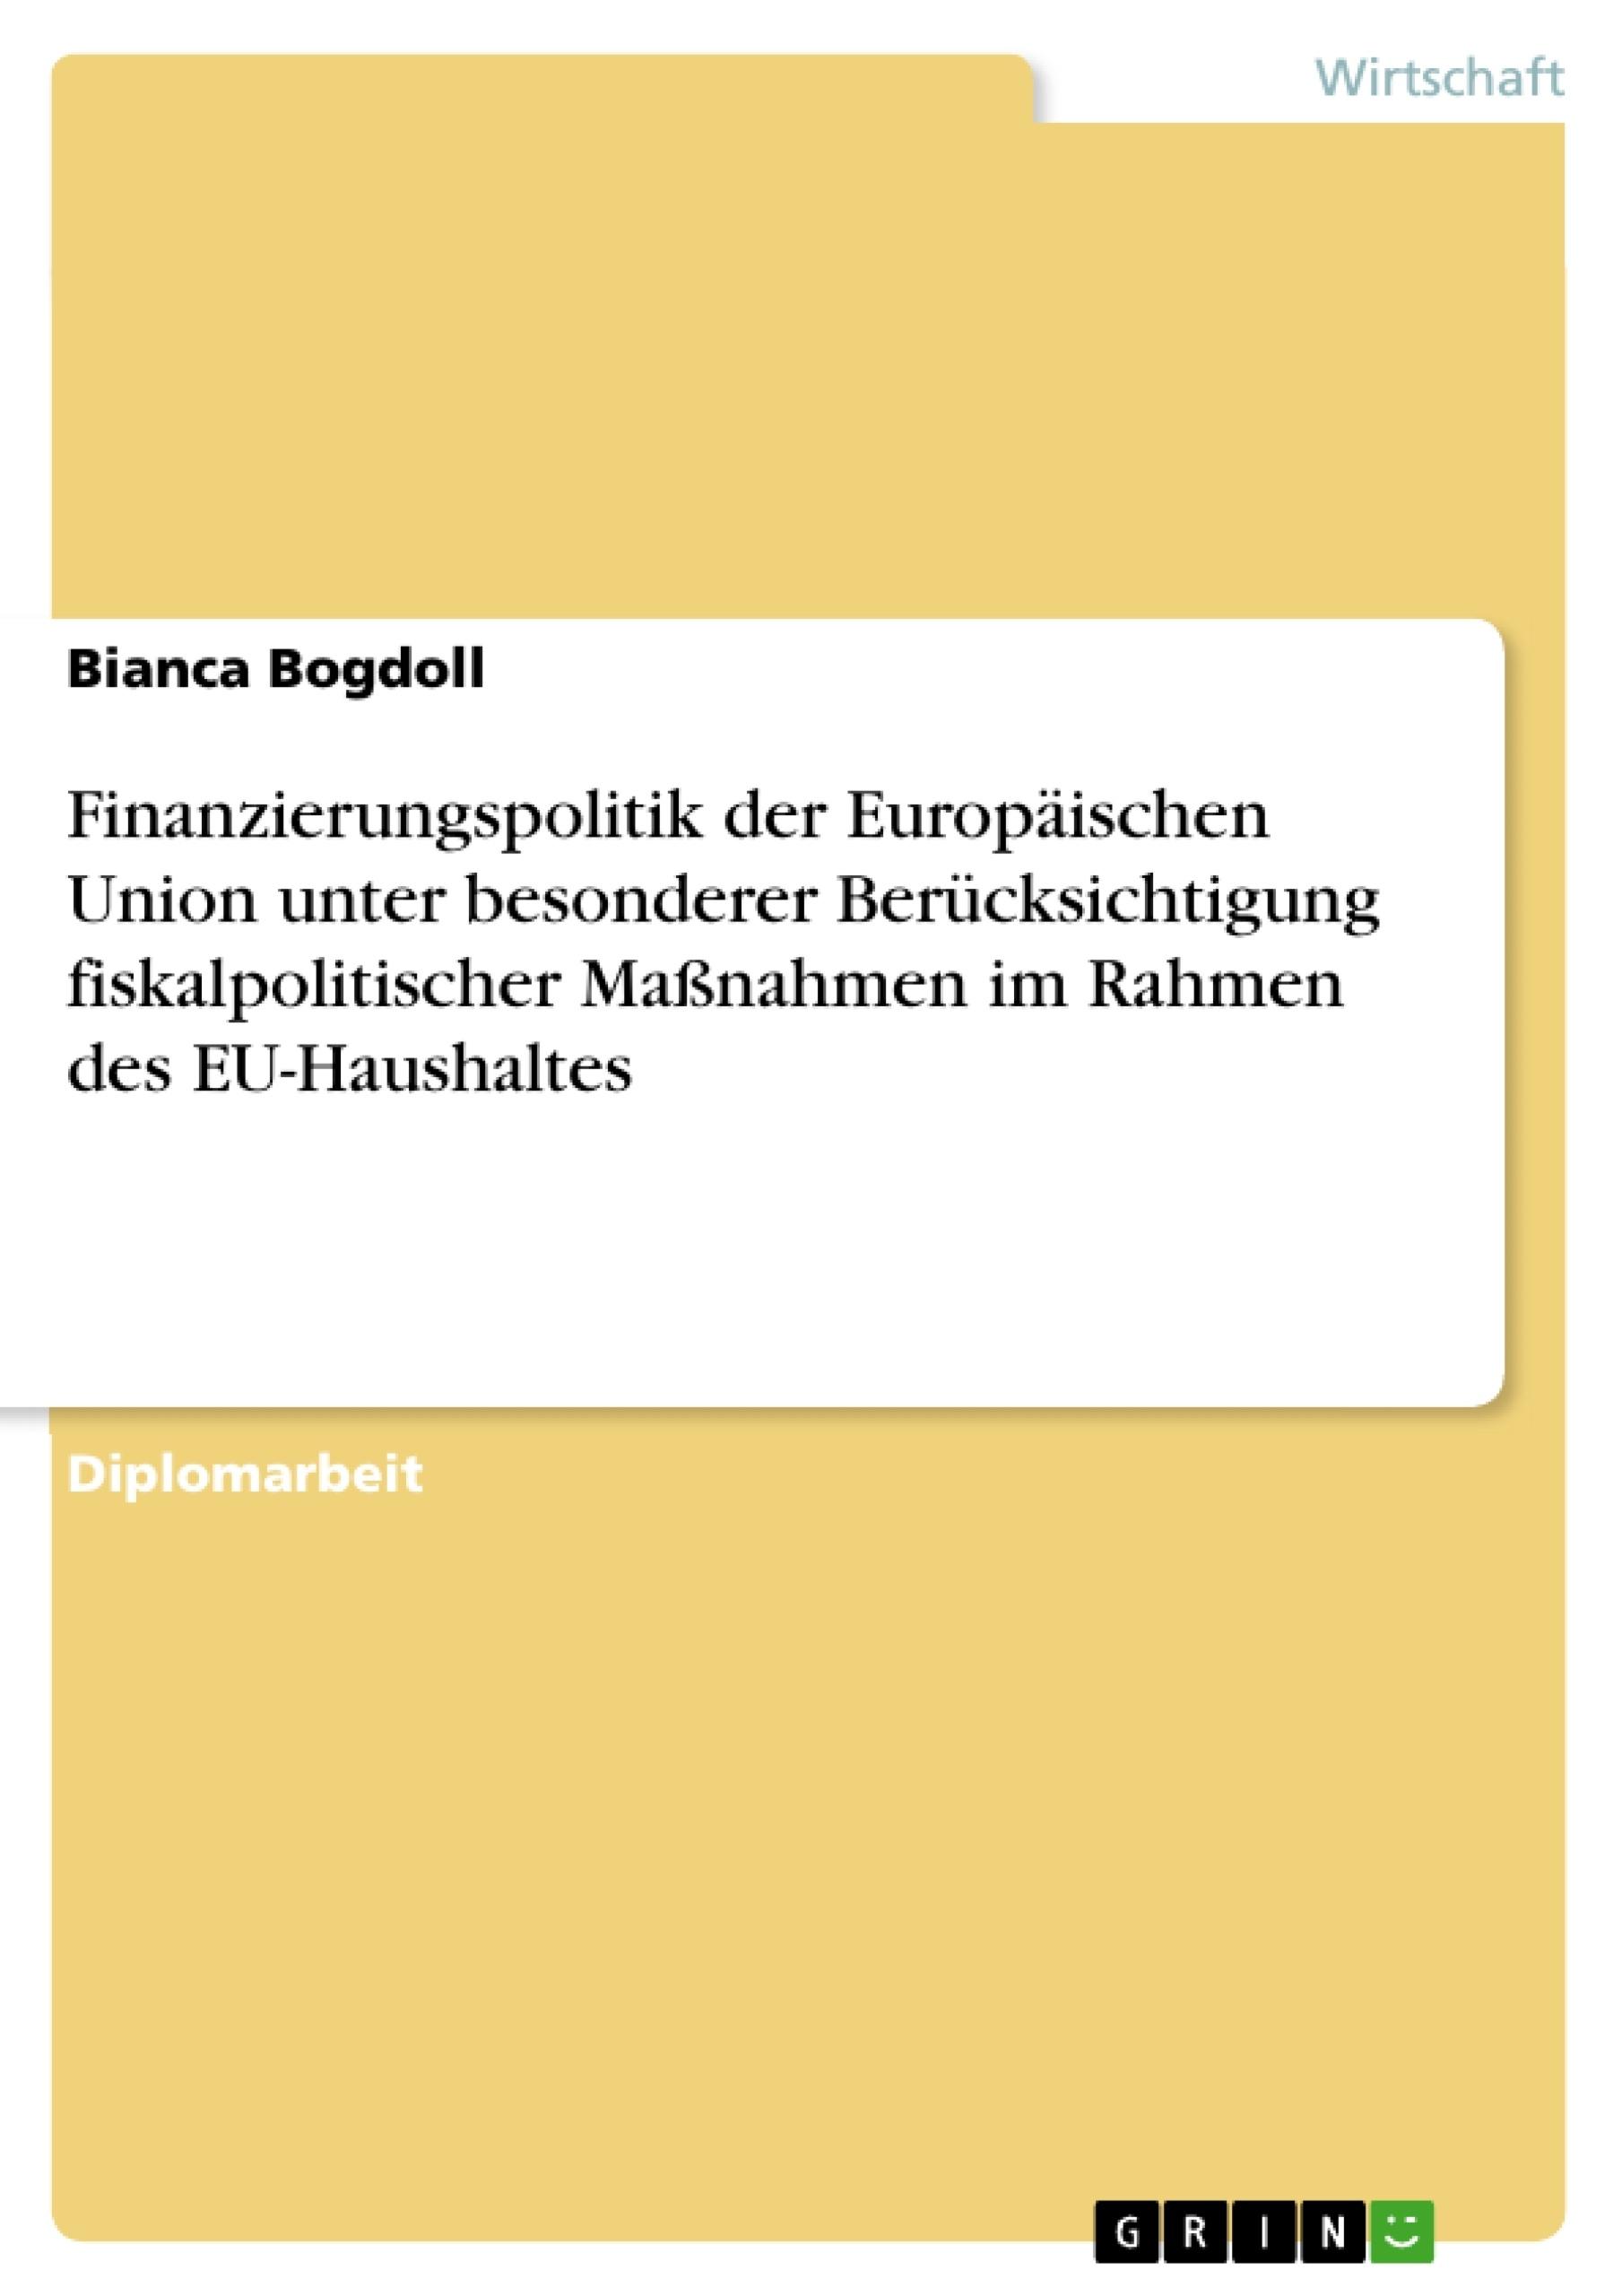 Titel: Finanzierungspolitik der Europäischen Union unter besonderer Berücksichtigung fiskalpolitischer Maßnahmen im Rahmen des EU-Haushaltes